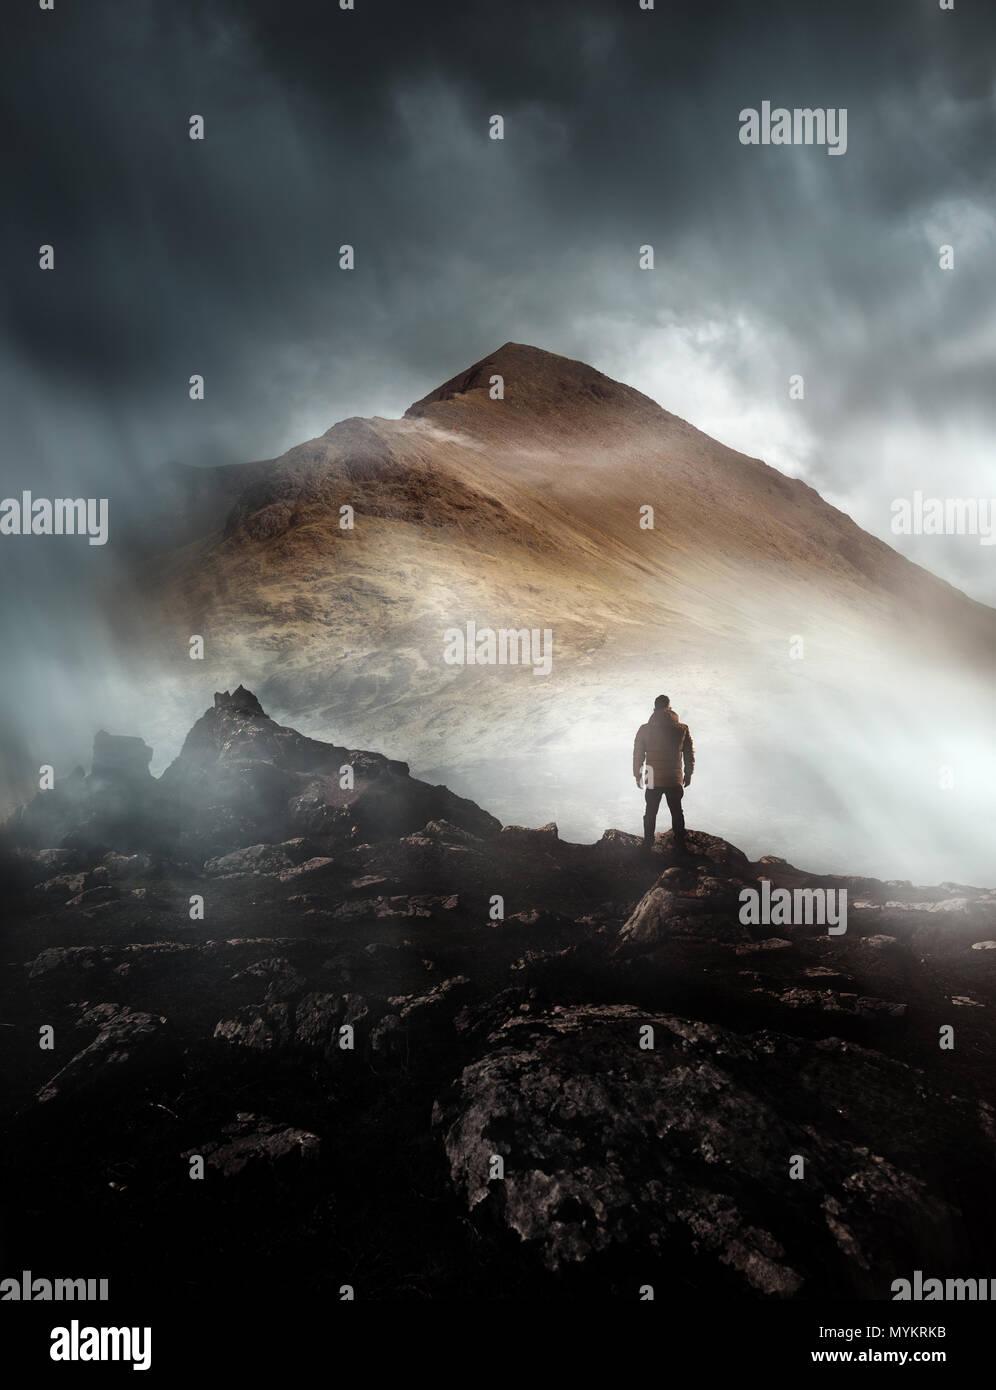 A partir d'une personne à l'air à une montagne dans la brume et les nuages avec le pic visible. Paysage panoramique photo composite. Photo Stock